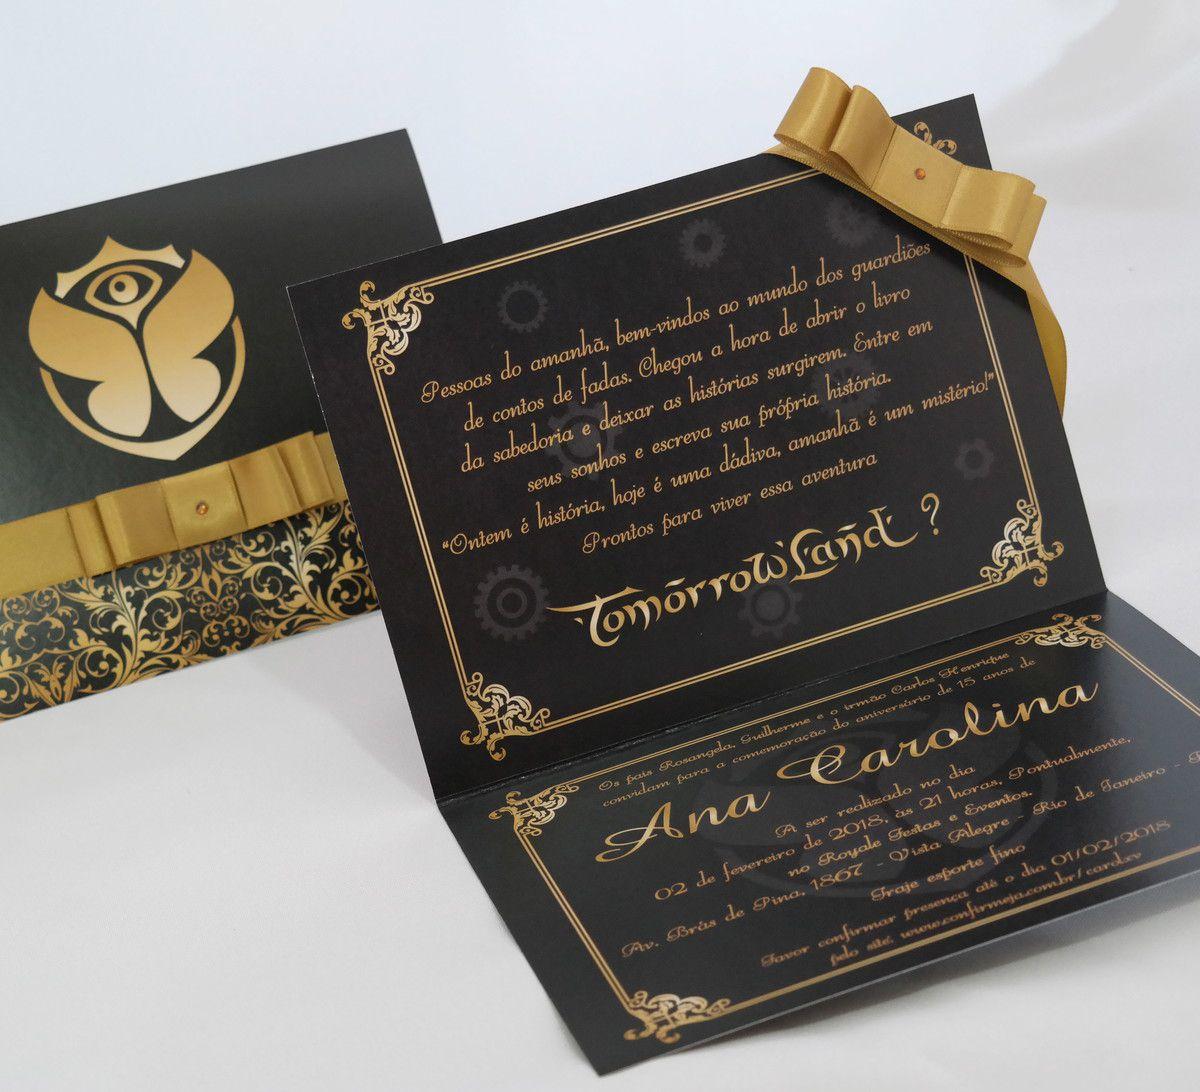 Convite 15 anos Tomorrowland